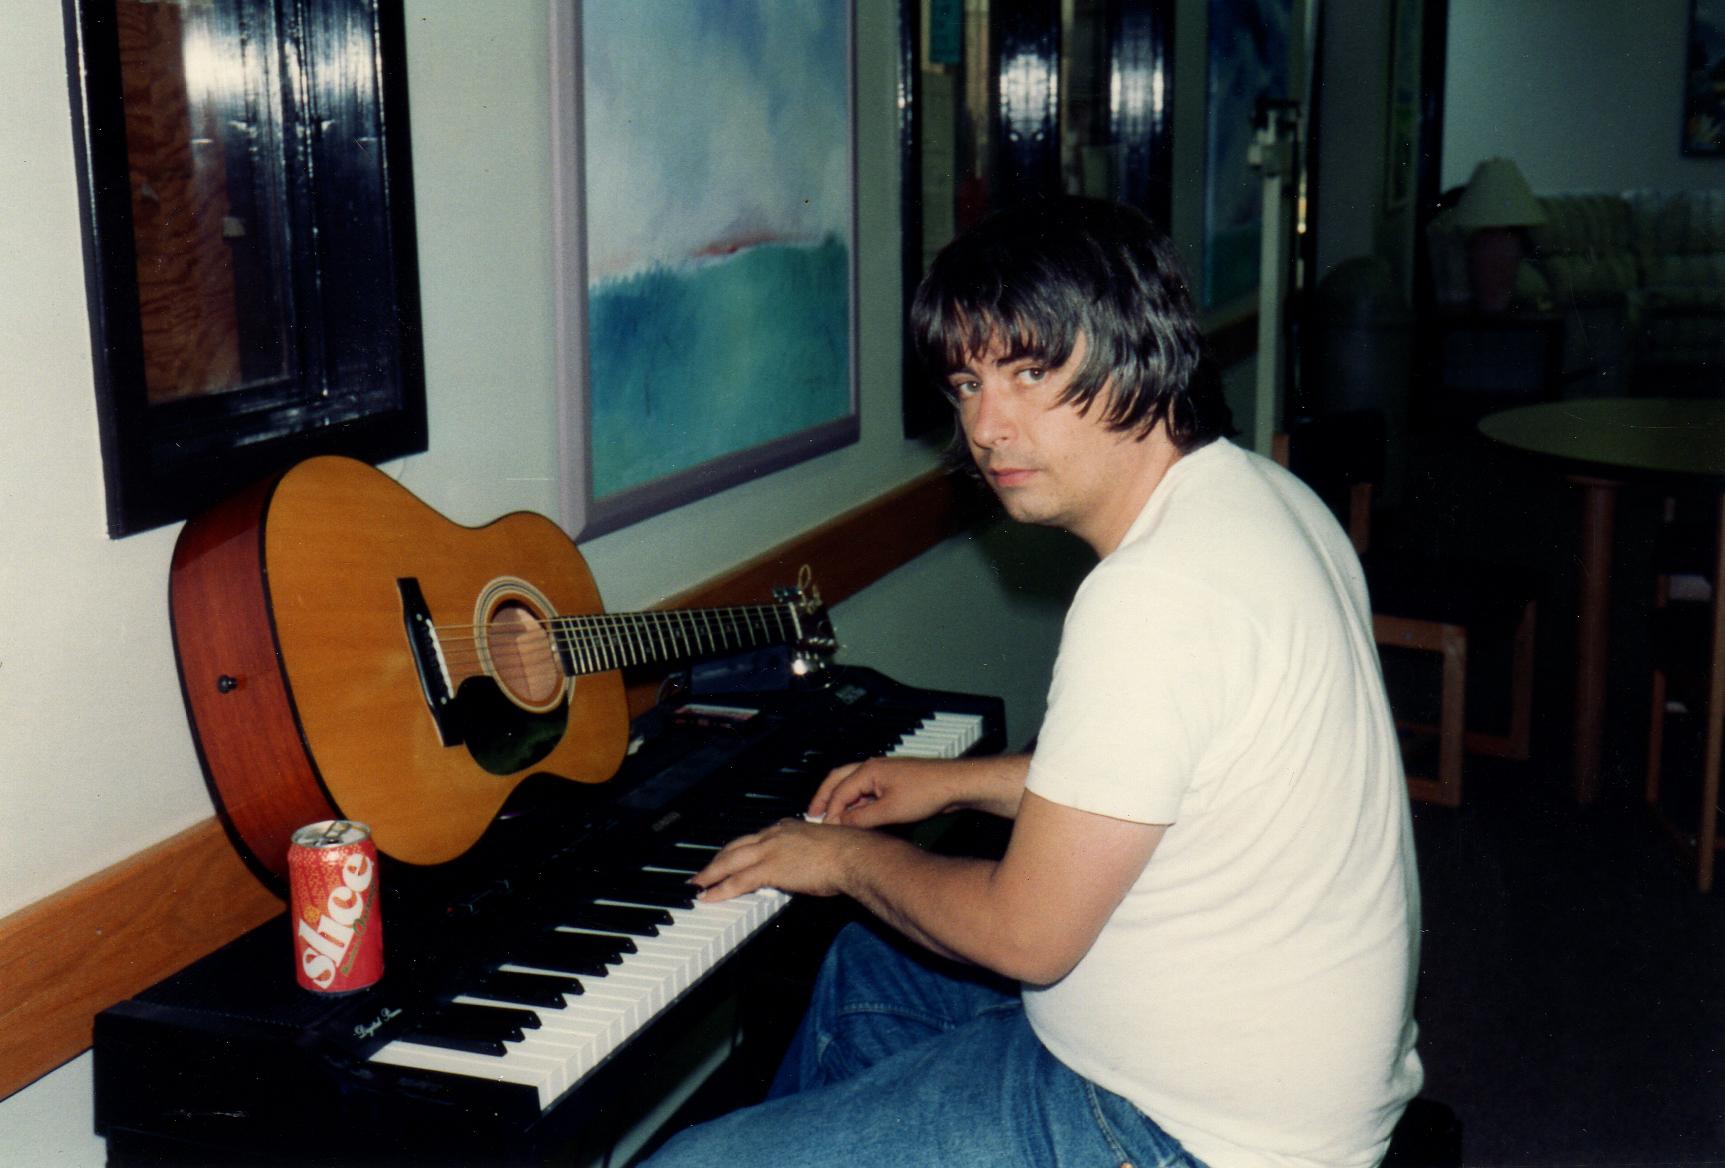 Daniel_Piano_Shoulder